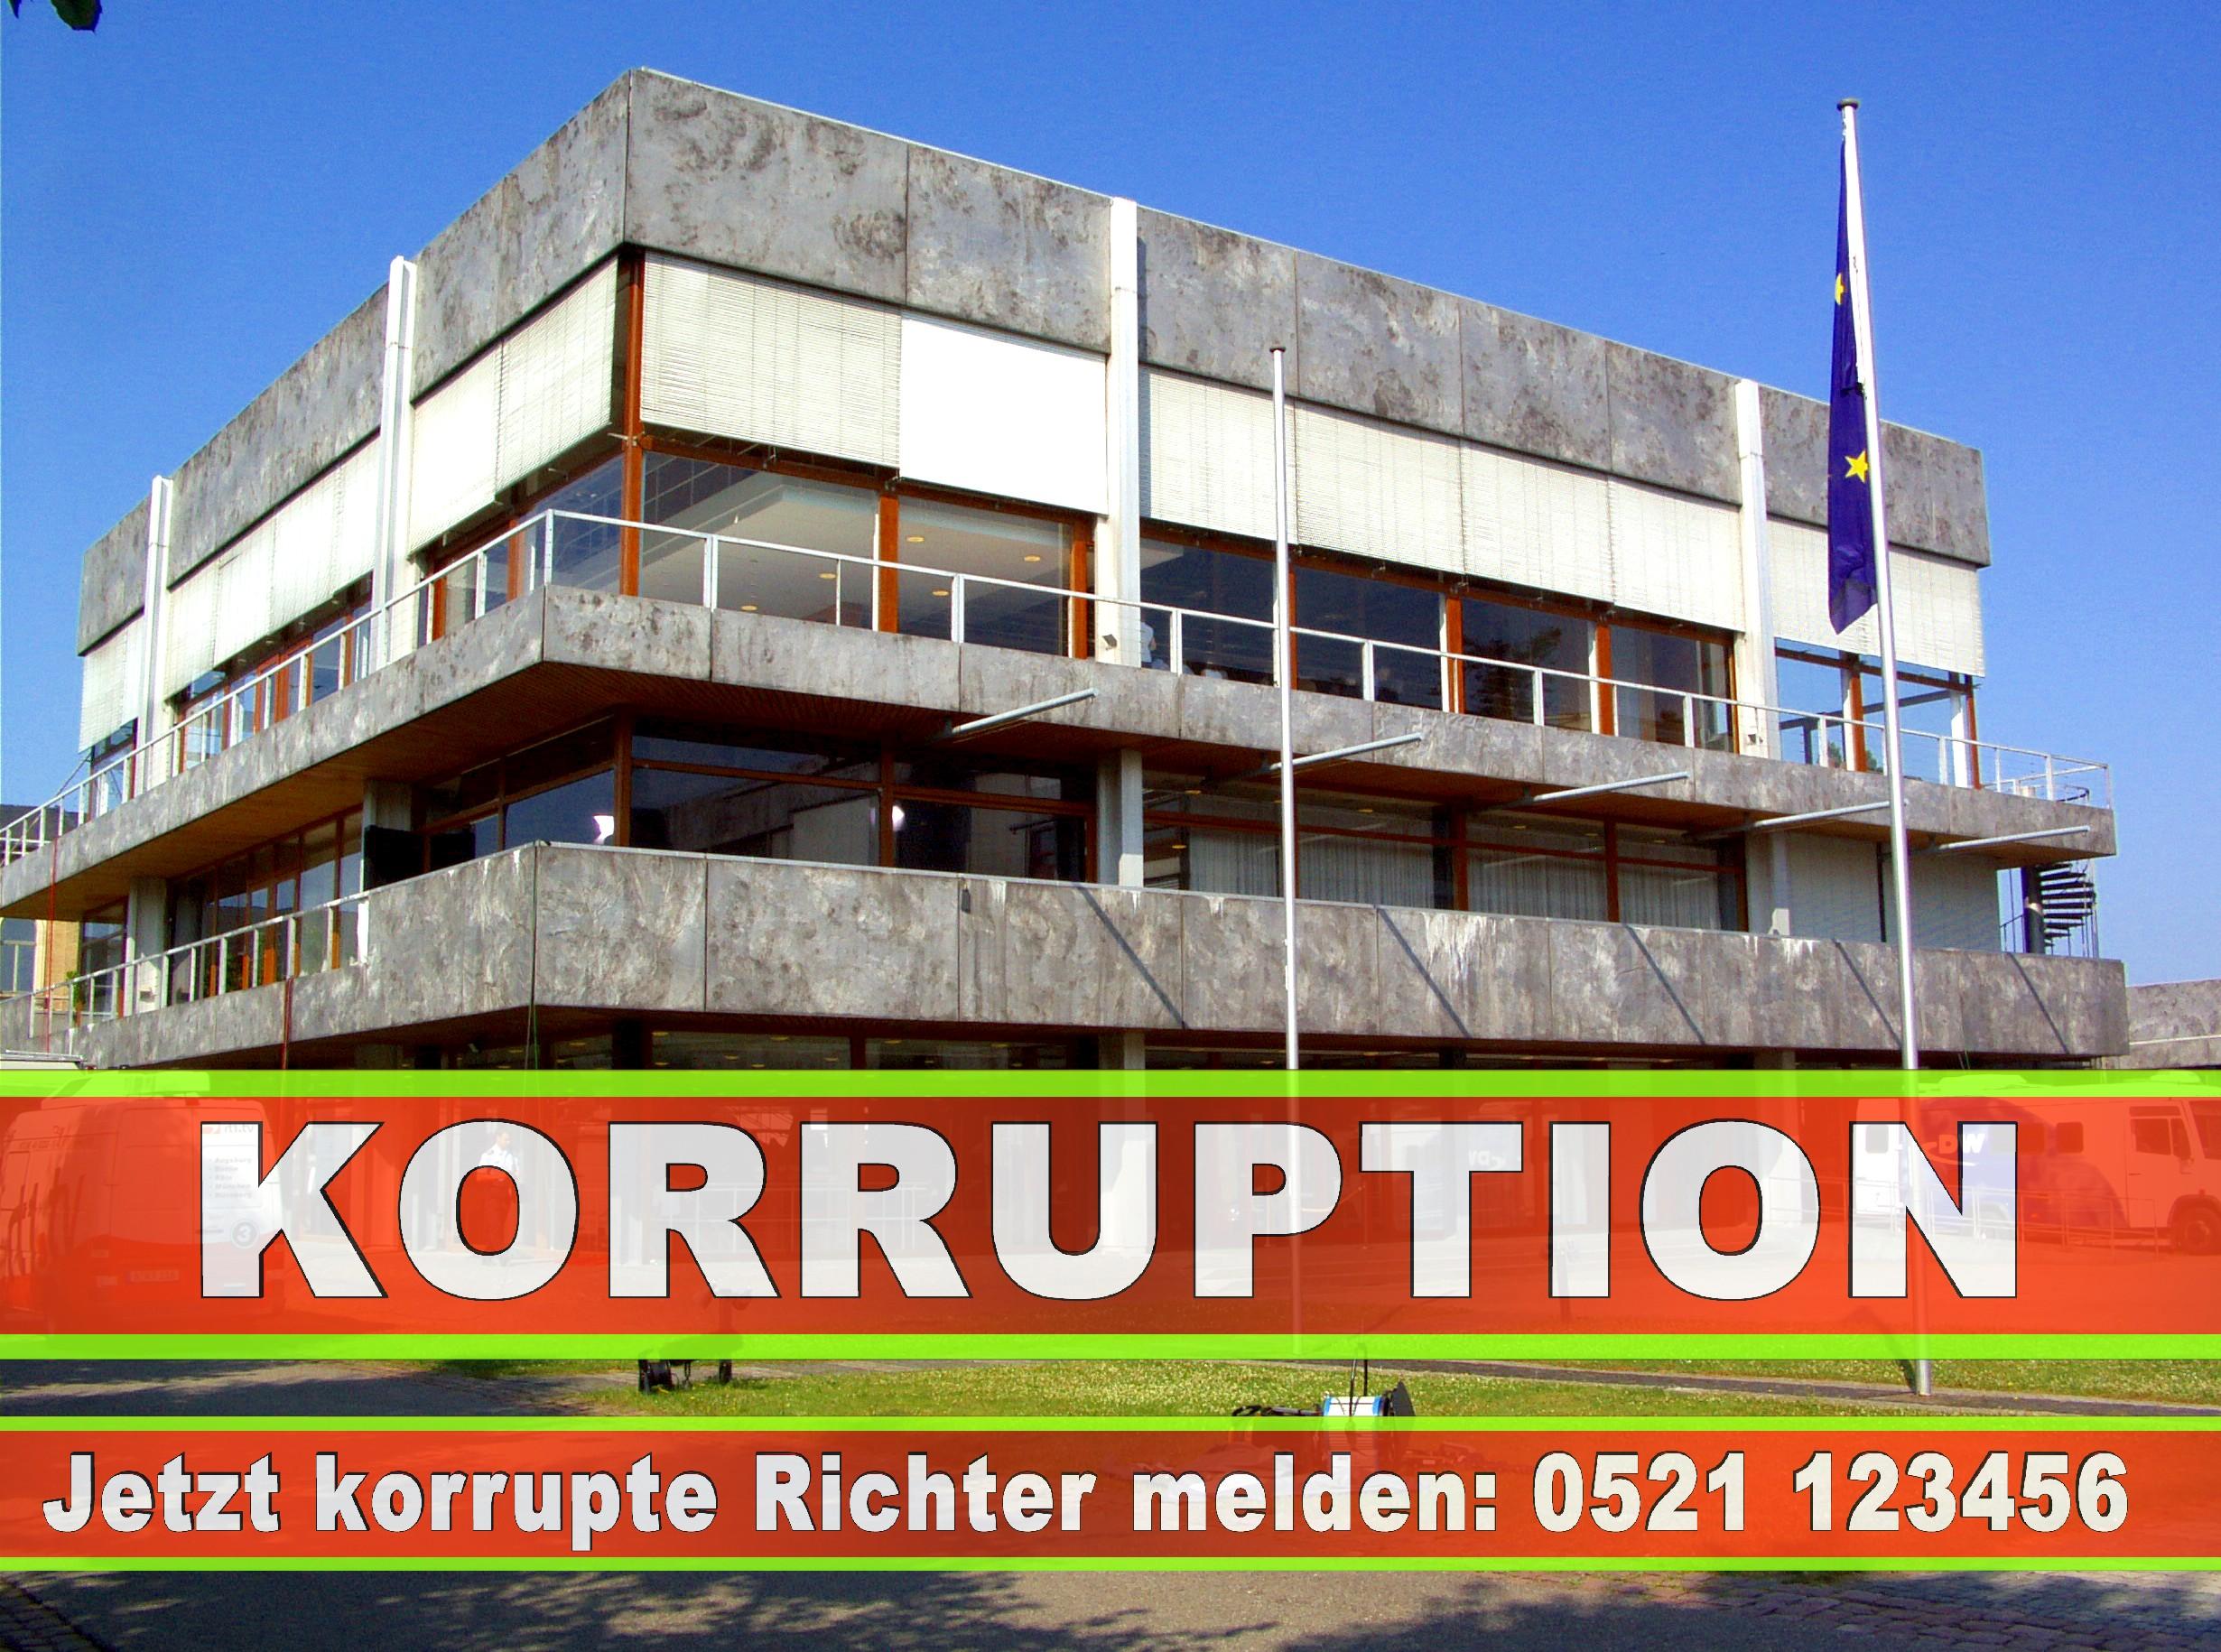 Bundesverfassungsgericht Karlsruhe Richter Korruption Aufgaben Urteile Termine Anfahrt Bilder Fotos Adresse Telefon (4)